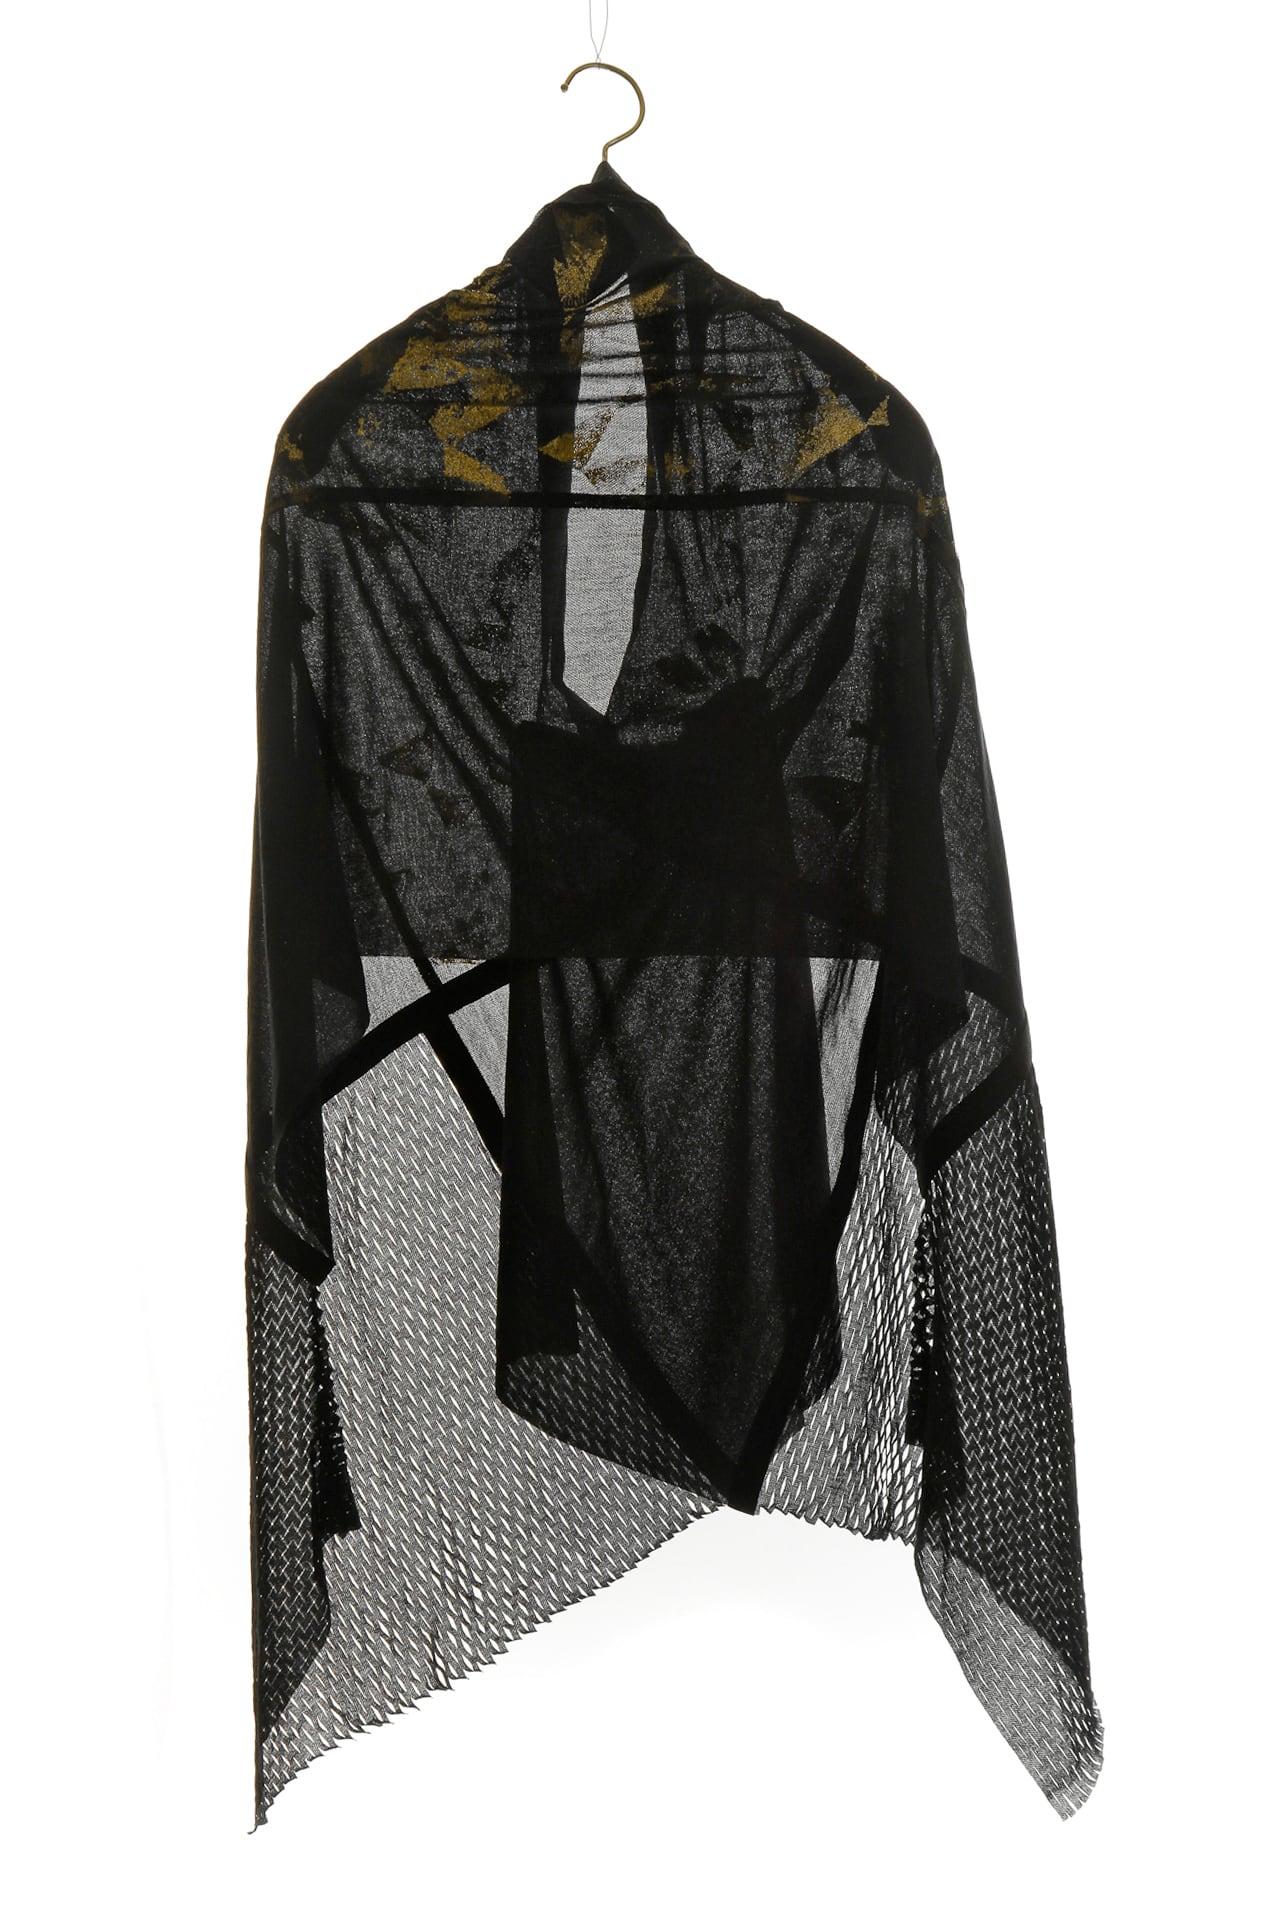 [着るアートストール]ANGEL エンジェル MIYABI ゴールド 101820【COTTONコットン】[送料/税込]